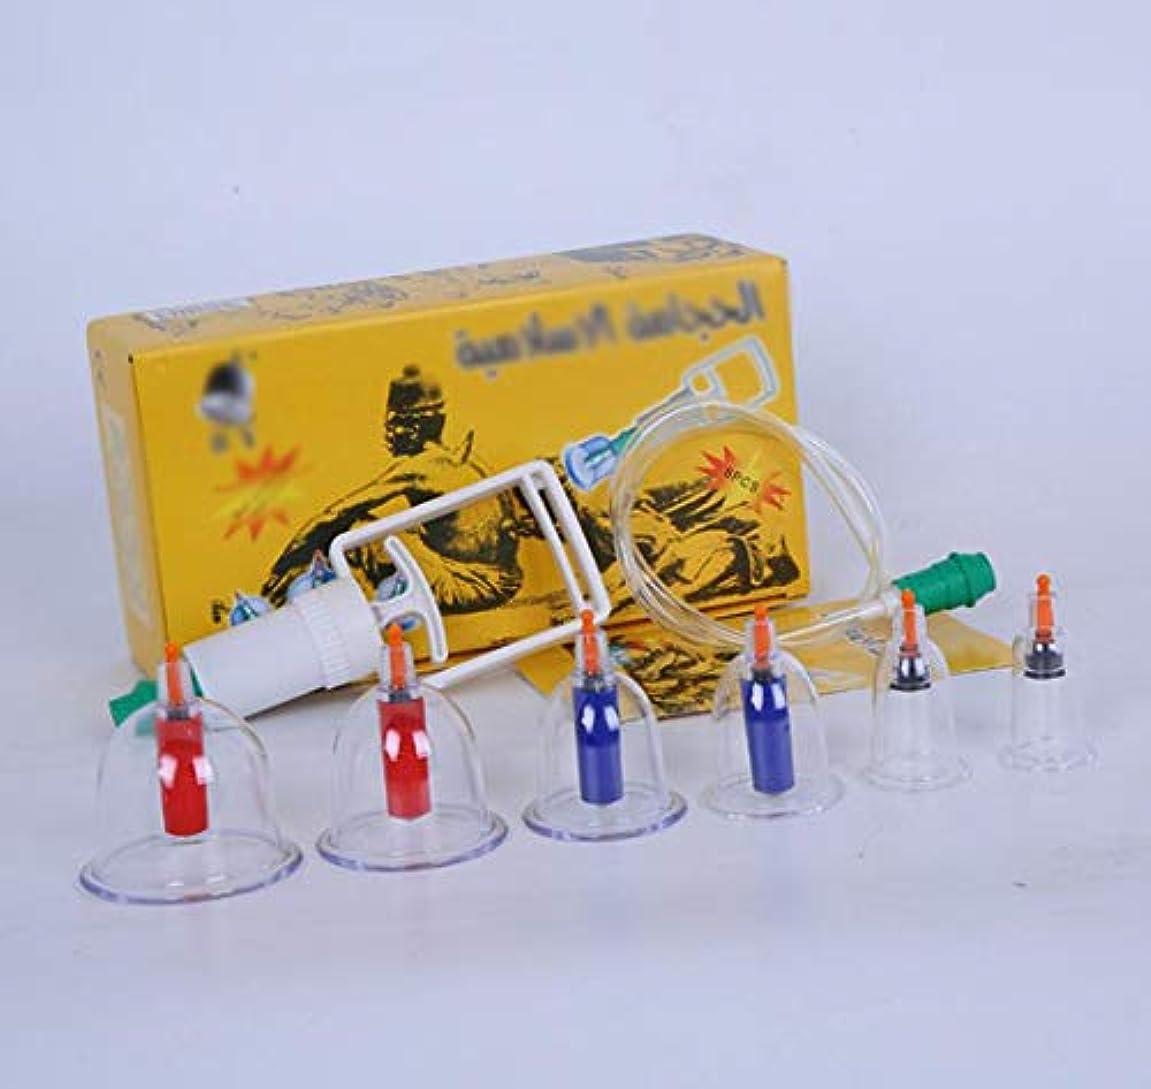 コミット収縮特定のカッピング/真空カッピングエイボン6缶セット/磁気カッピング/全身倦怠感/フィットネス/健康マッサージ/除湿を緩和するために使用